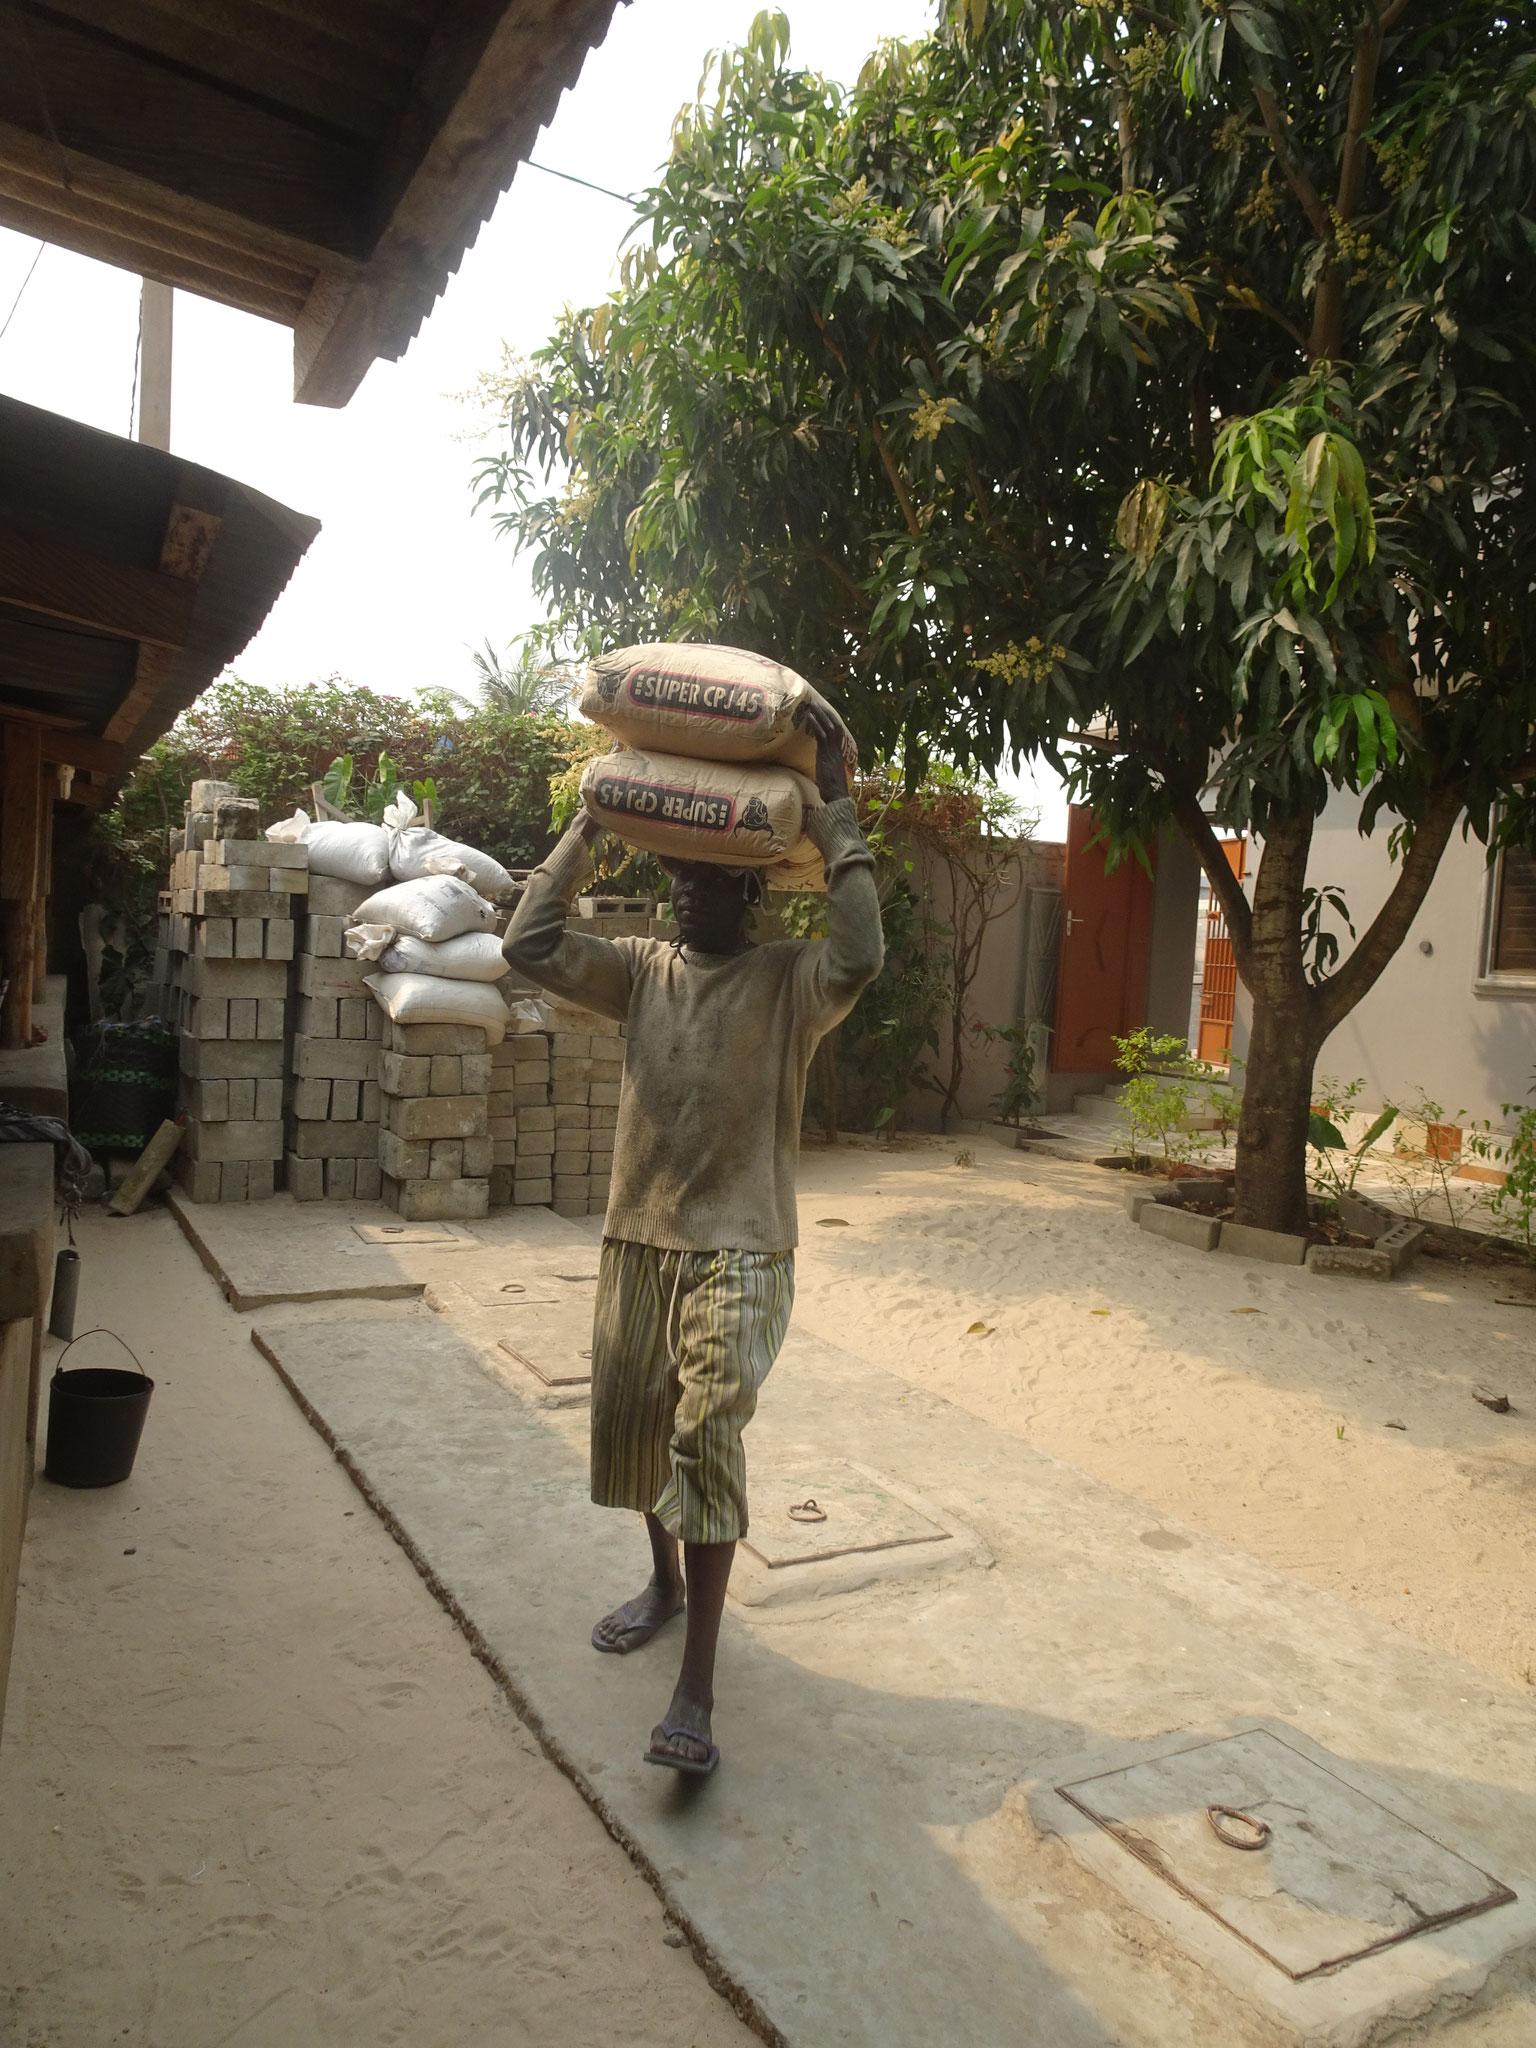 Jeder Sack wiegt 50 kg. So tragen sie 20 t rein. Pro Sack gibt es 8  Rp.